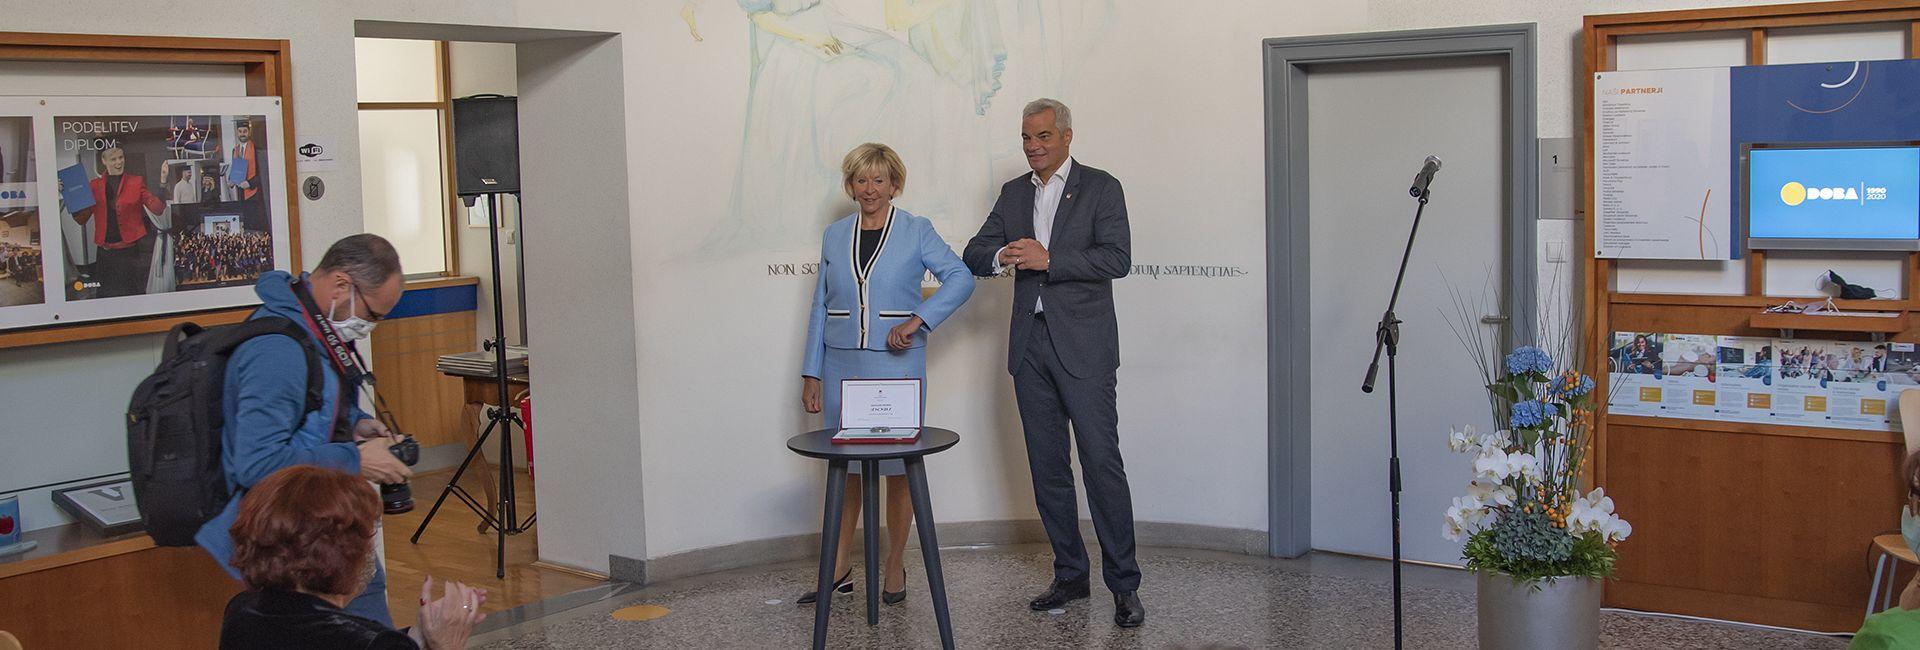 Gradonačelnik grada Maribora DOBI povodom 30. obljetnice dodijelio Pečat grada Maribora